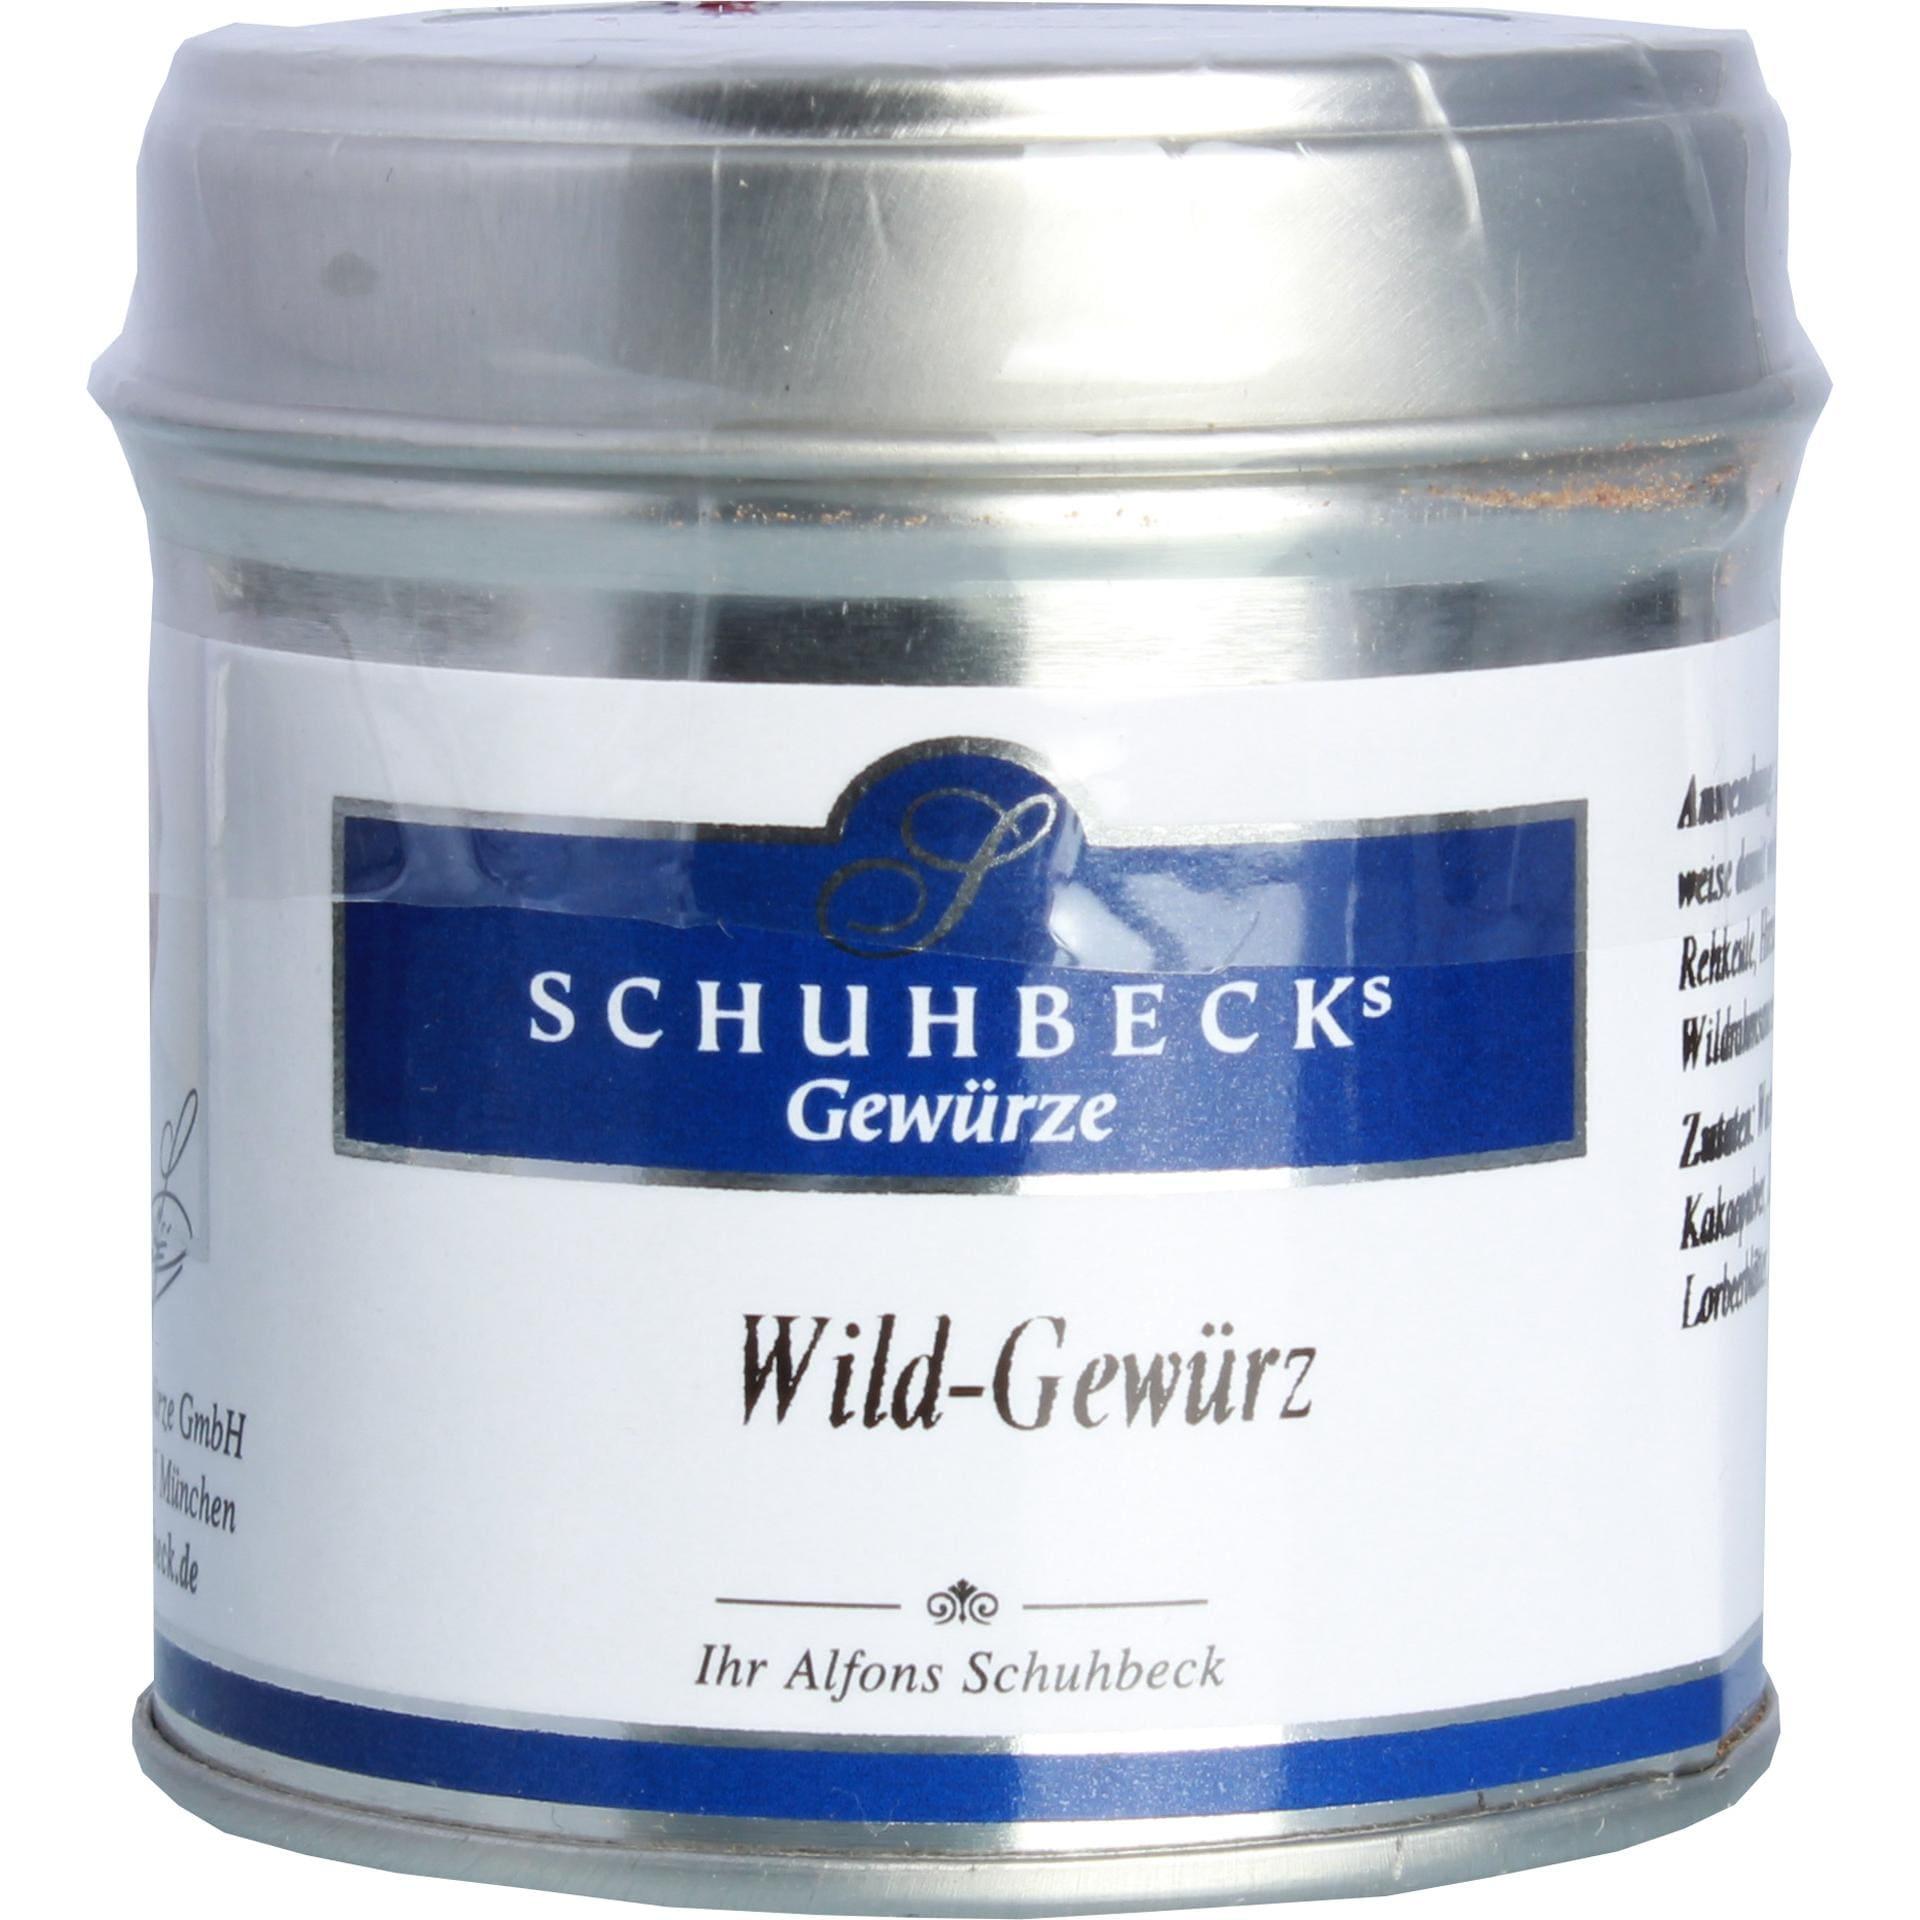 Schuhbecks - Wild Gewürzzubereitung - 45g